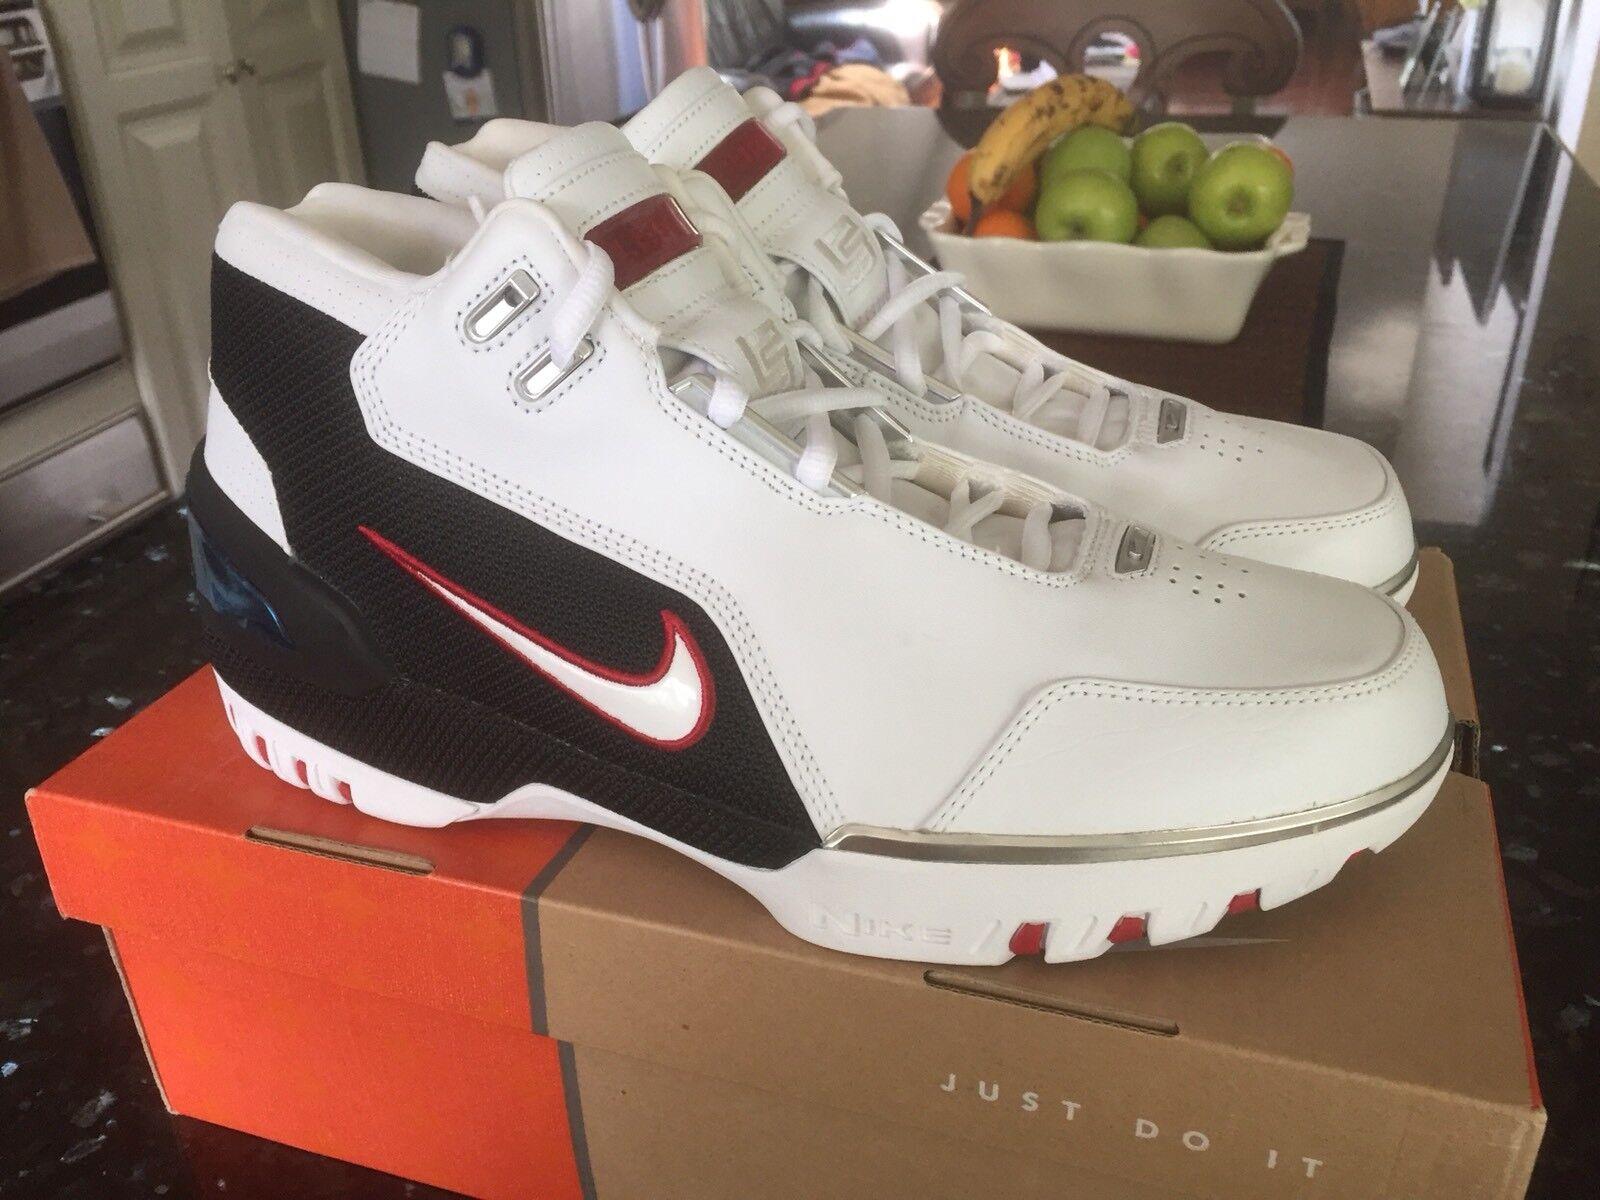 2018 DS generación og Nike Air Zoom generación DS I 1 LeBron James reducción de precios el último descuento zapatos para hombres y mujeres 8067ee